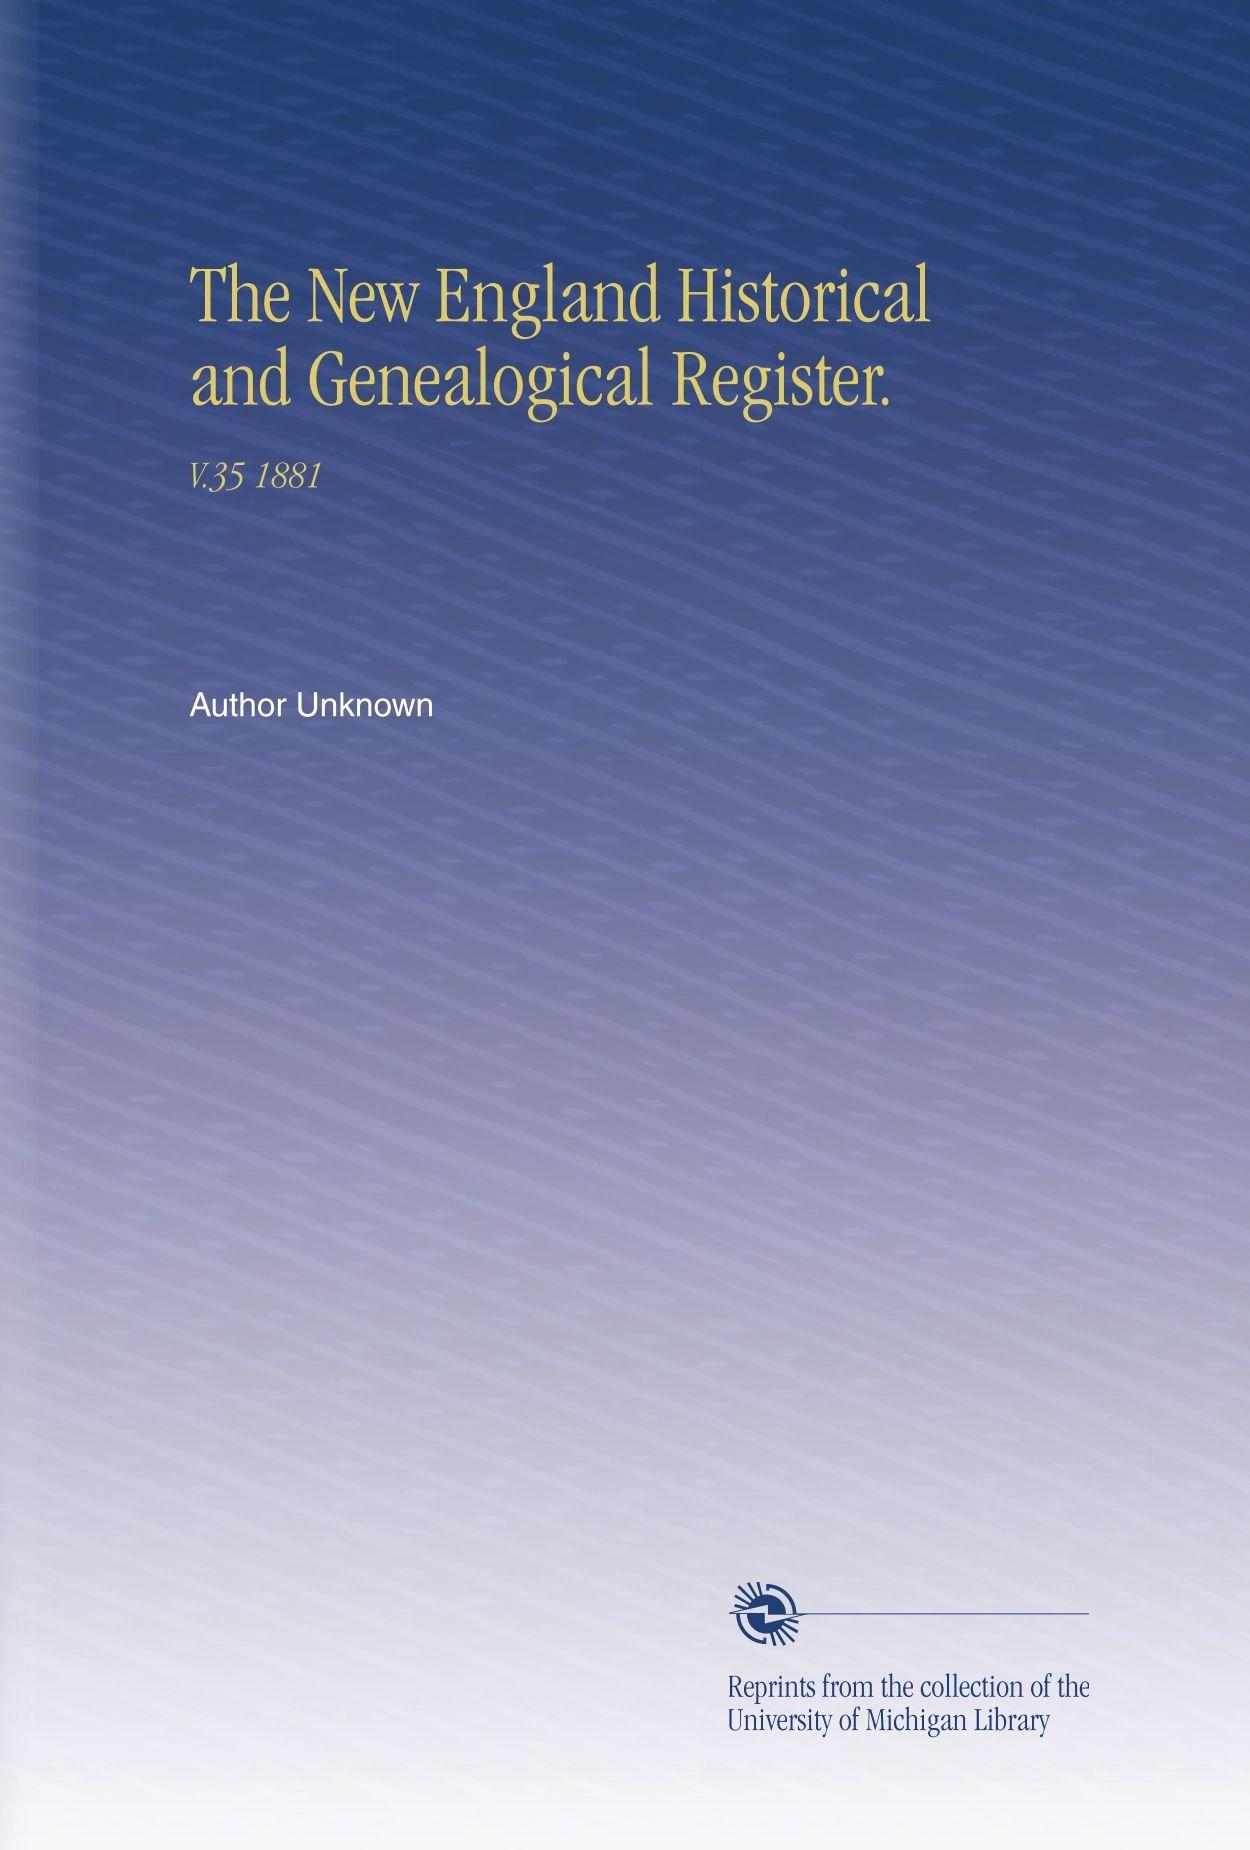 Download The New England Historical and Genealogical Register.: V.35 1881 pdf